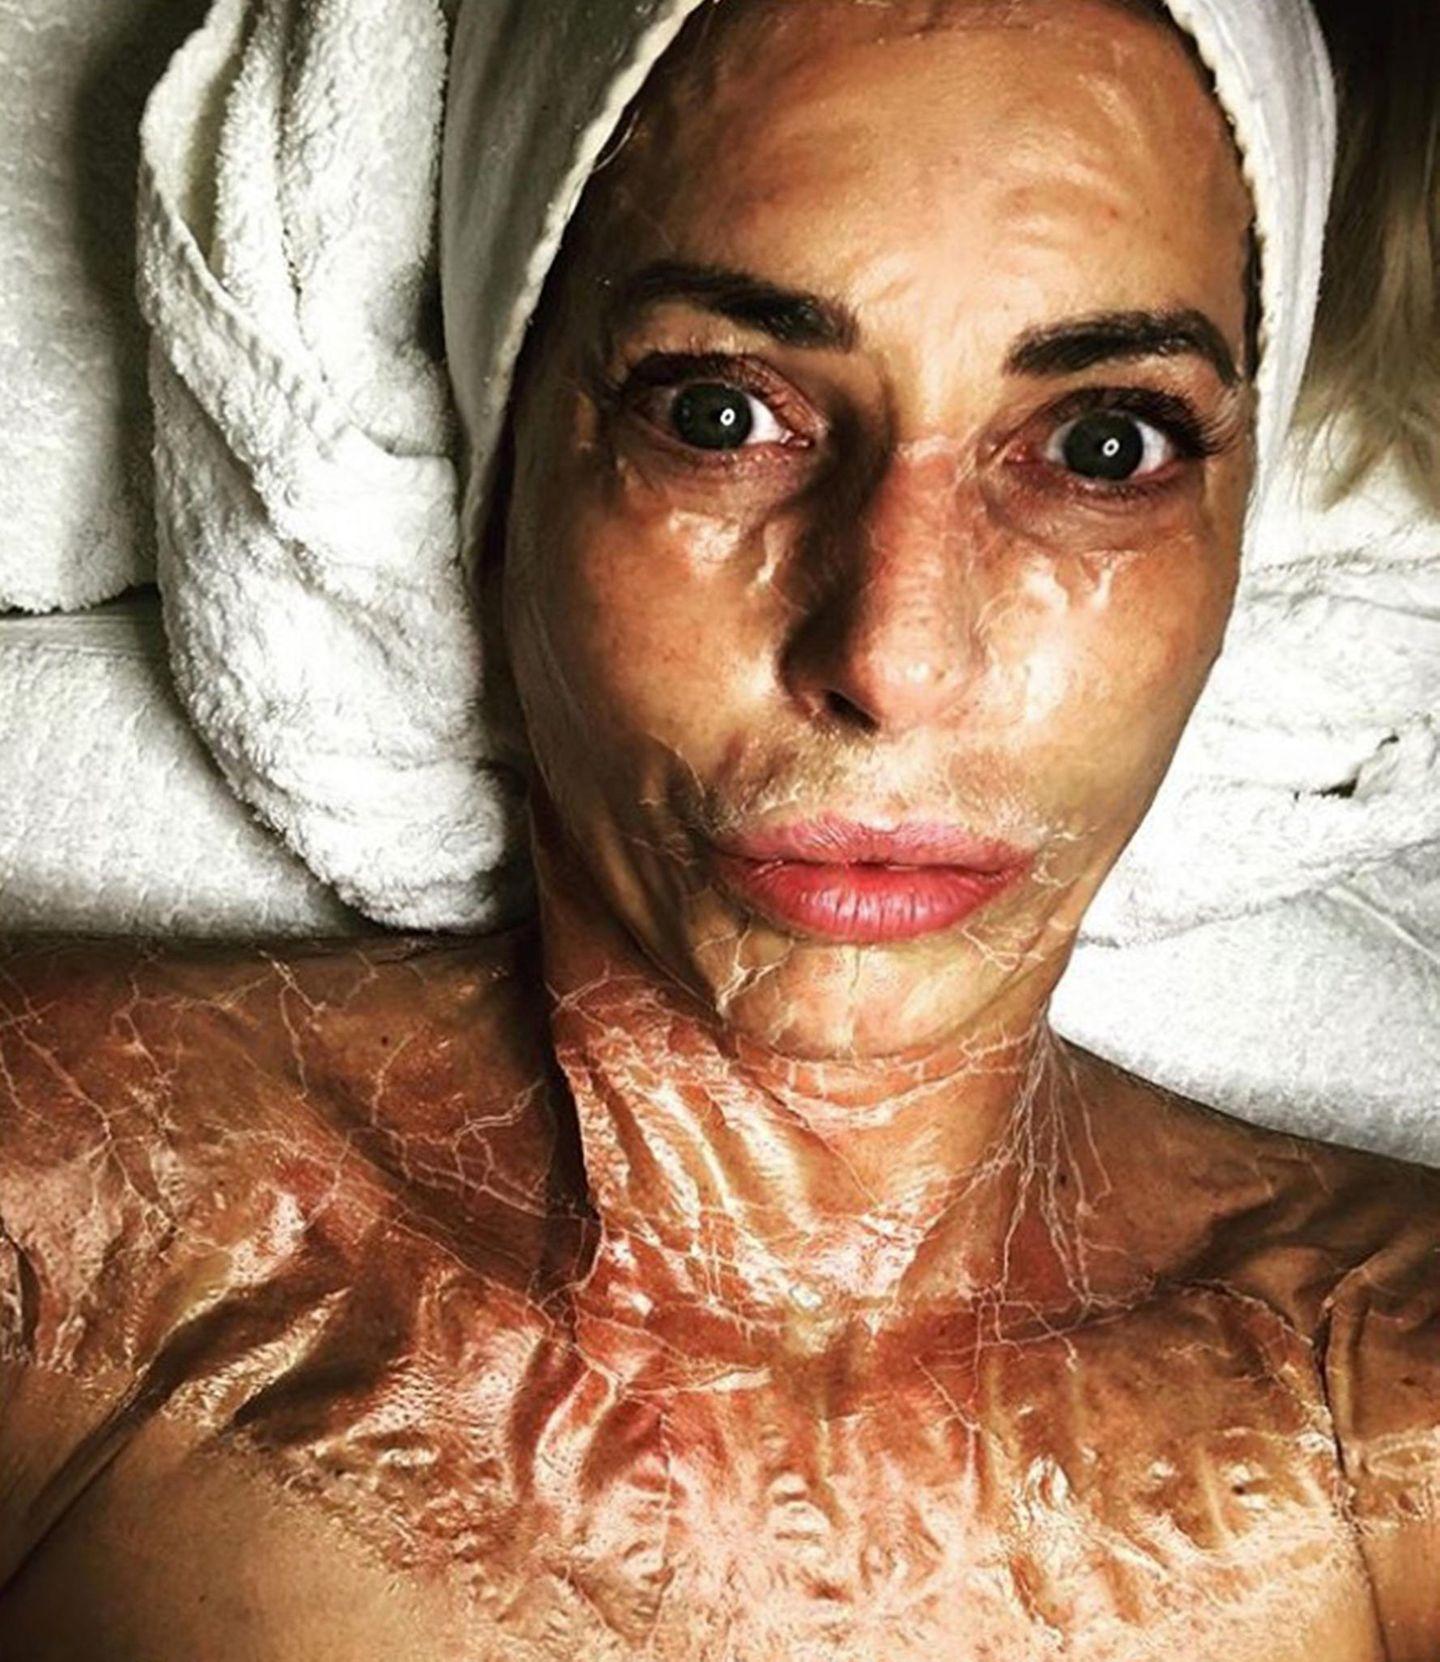 Giulia Siegel sagt unter diesem Instagram-Foto selbst, dass sie alles für ihre Haut tut. Sogar wenn die Beauty-Maske beim Trocknen lustige Falten schlägt.